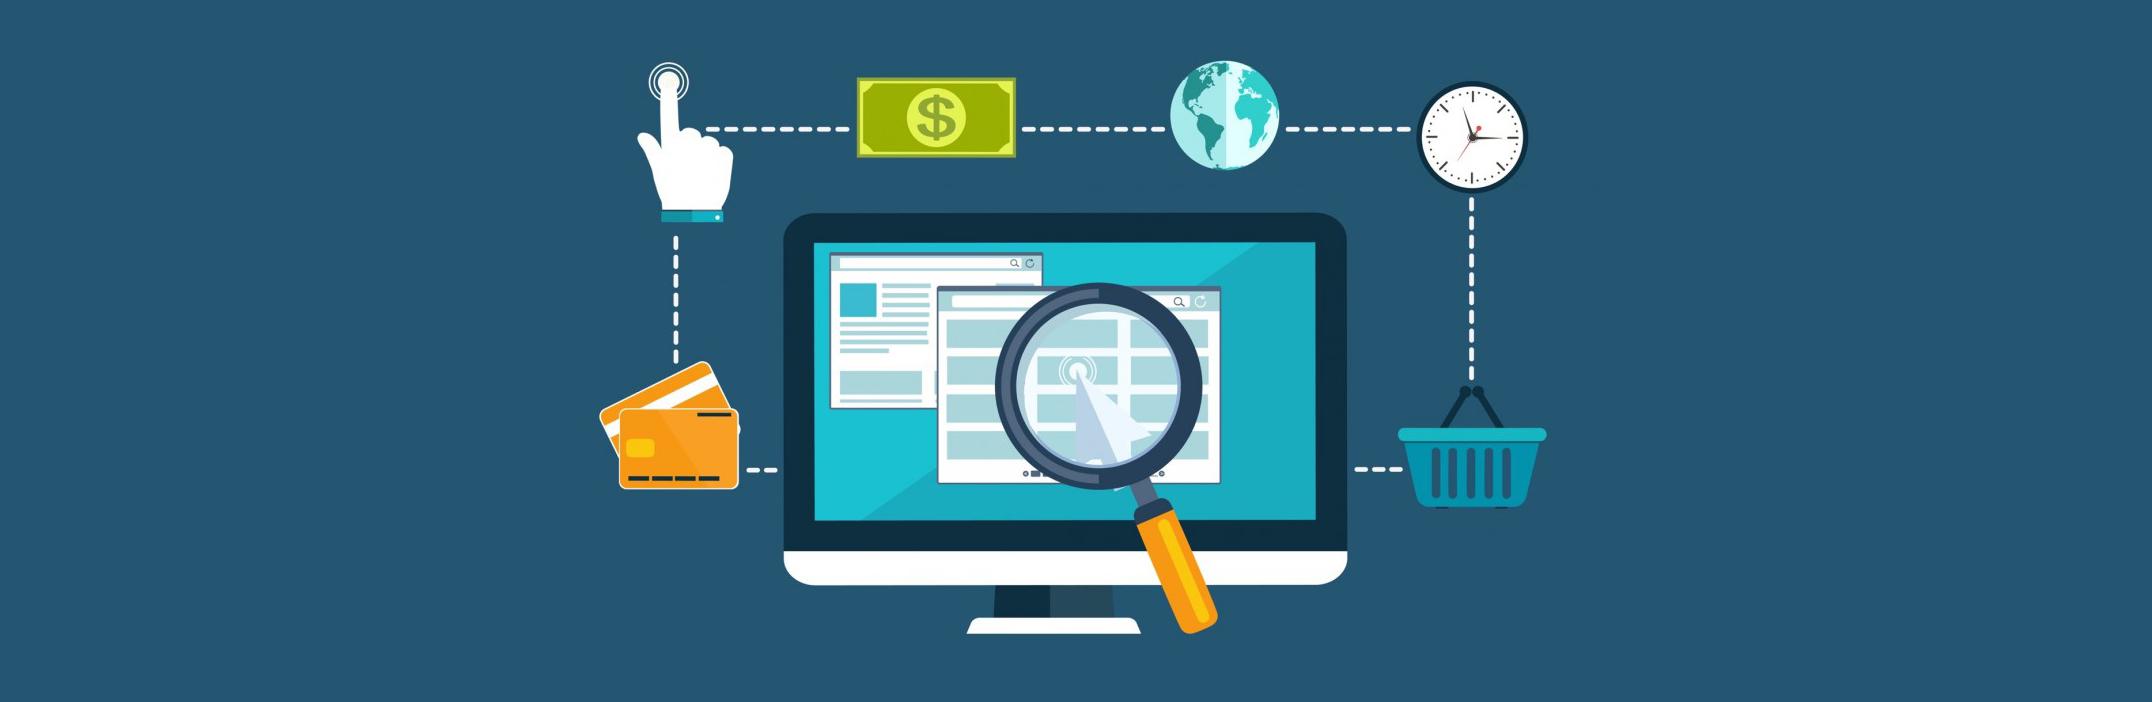 réservation en ligne & paiement en ligne